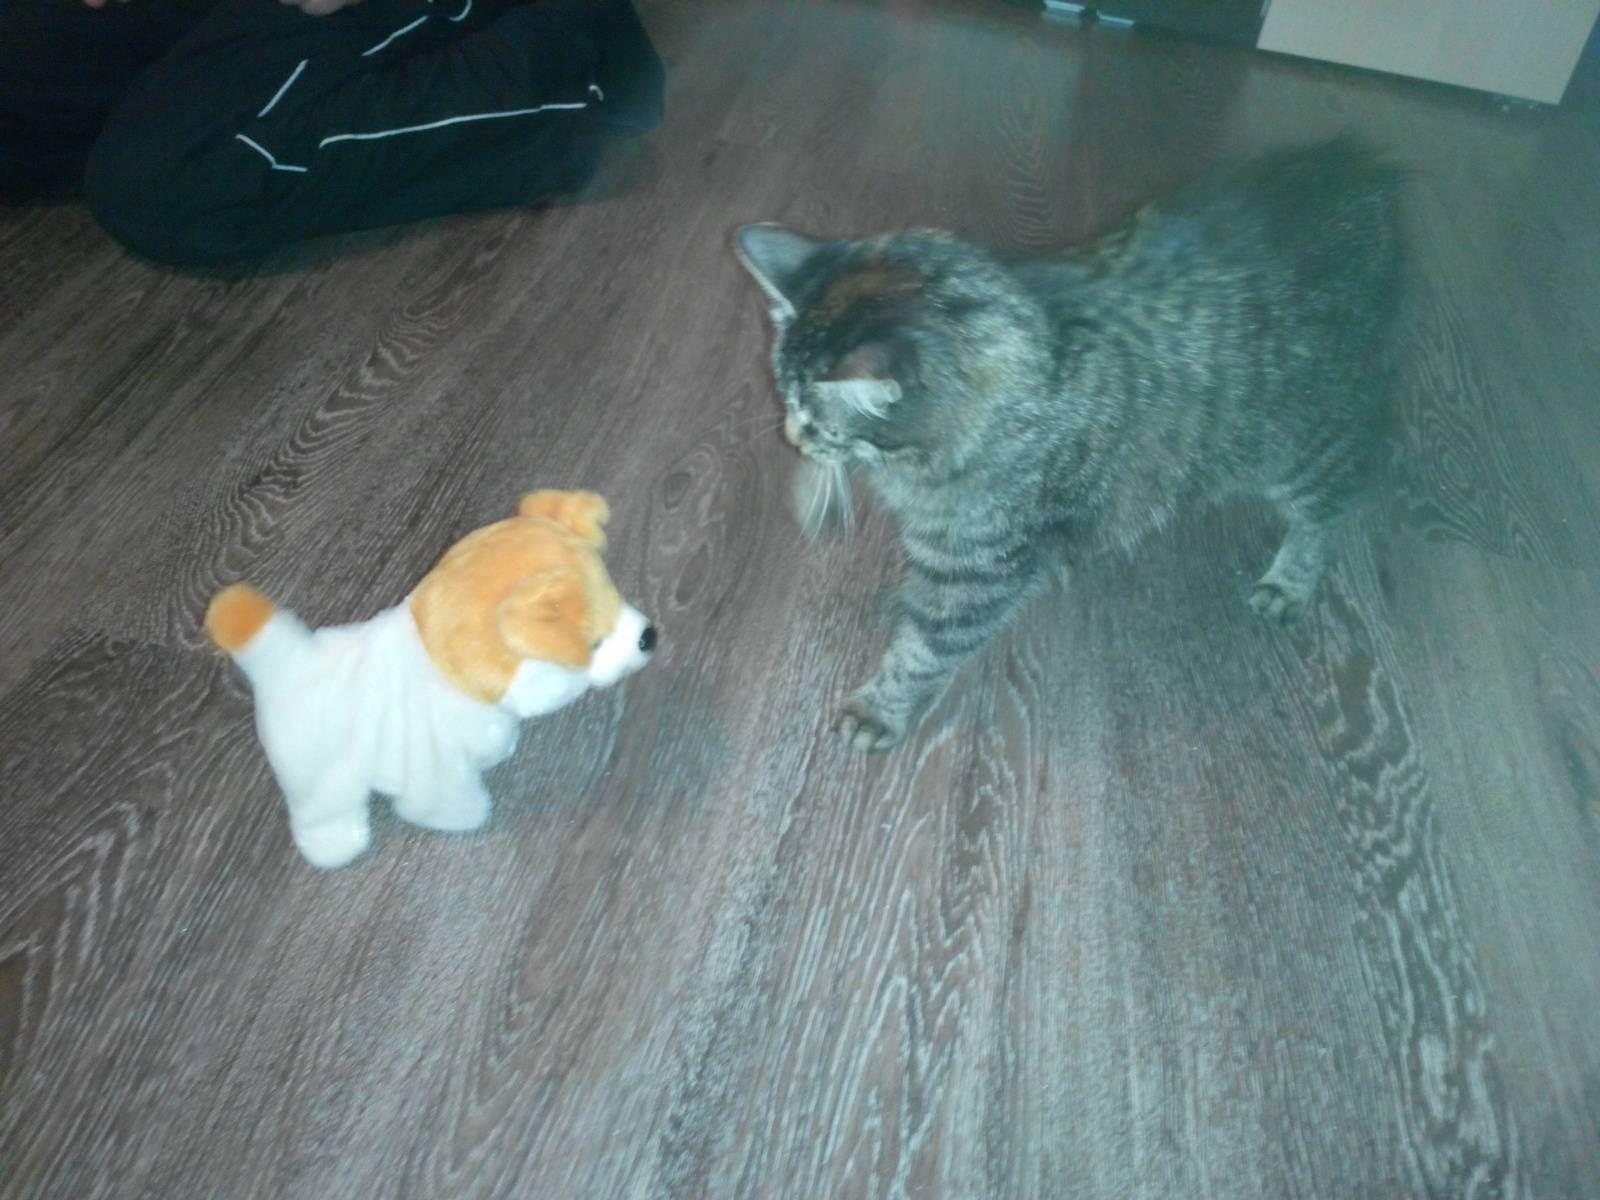 Когда кормить кошку после стерилизации. питание кошки после болезни или операции. чем нельзя кормить